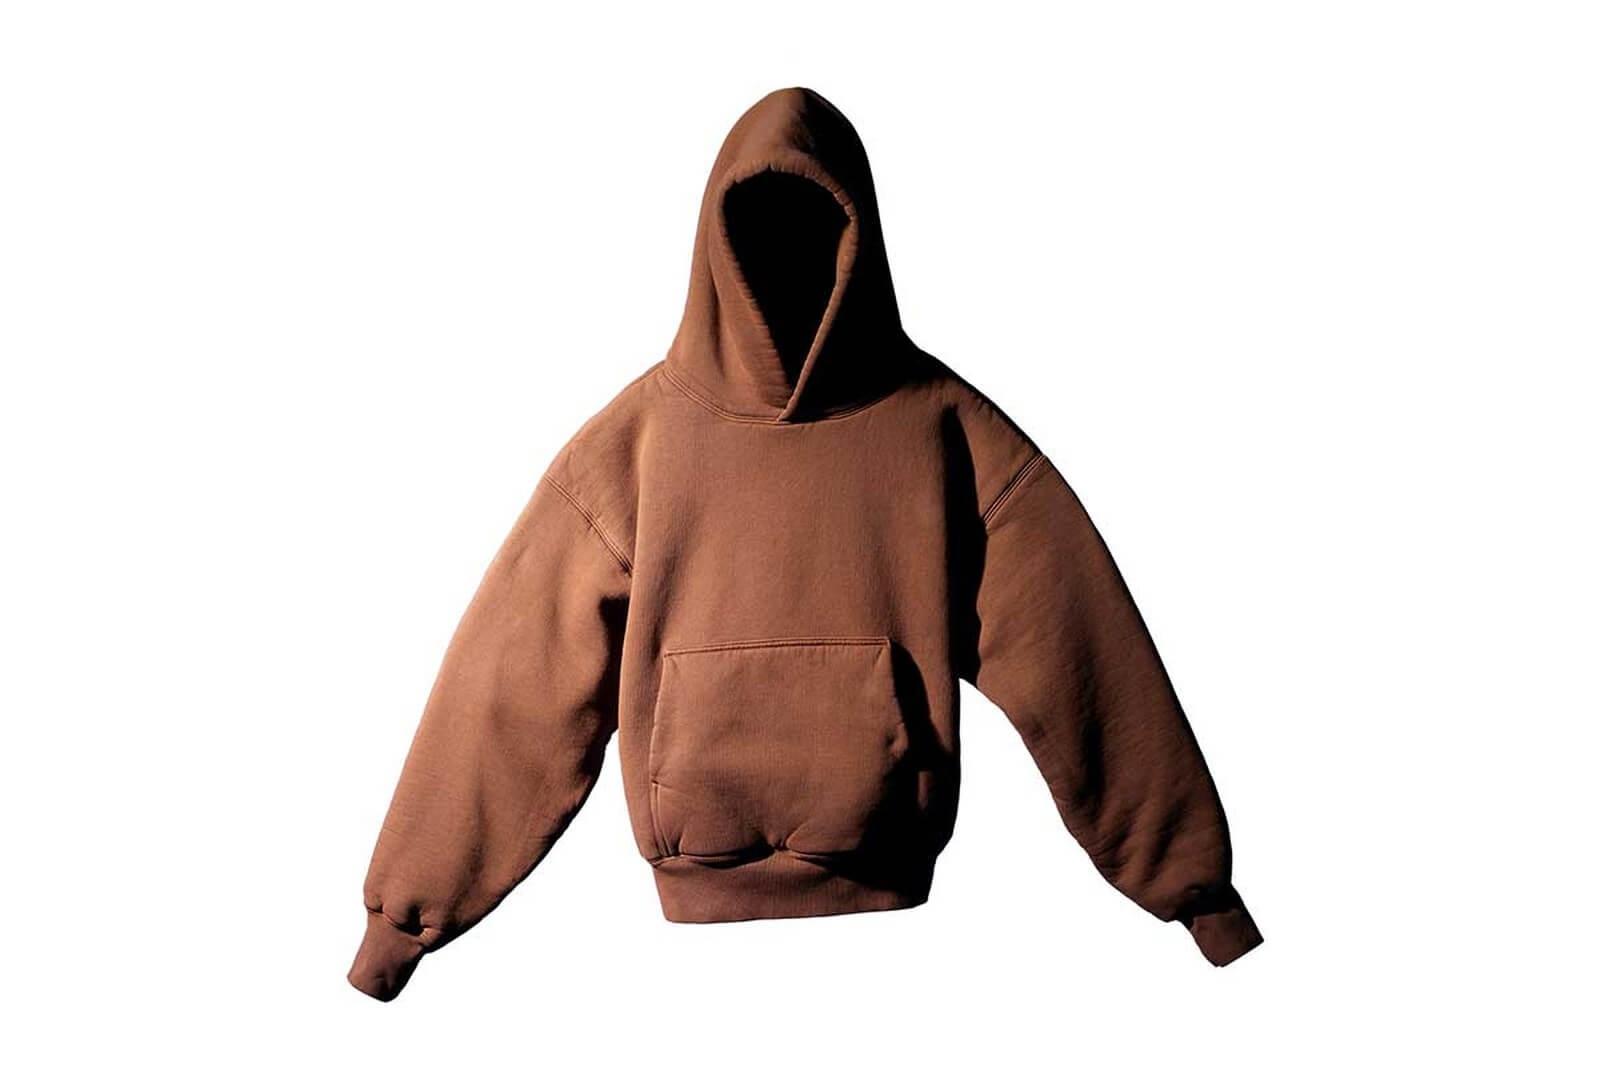 yeezy gap hoodie release date buy 2